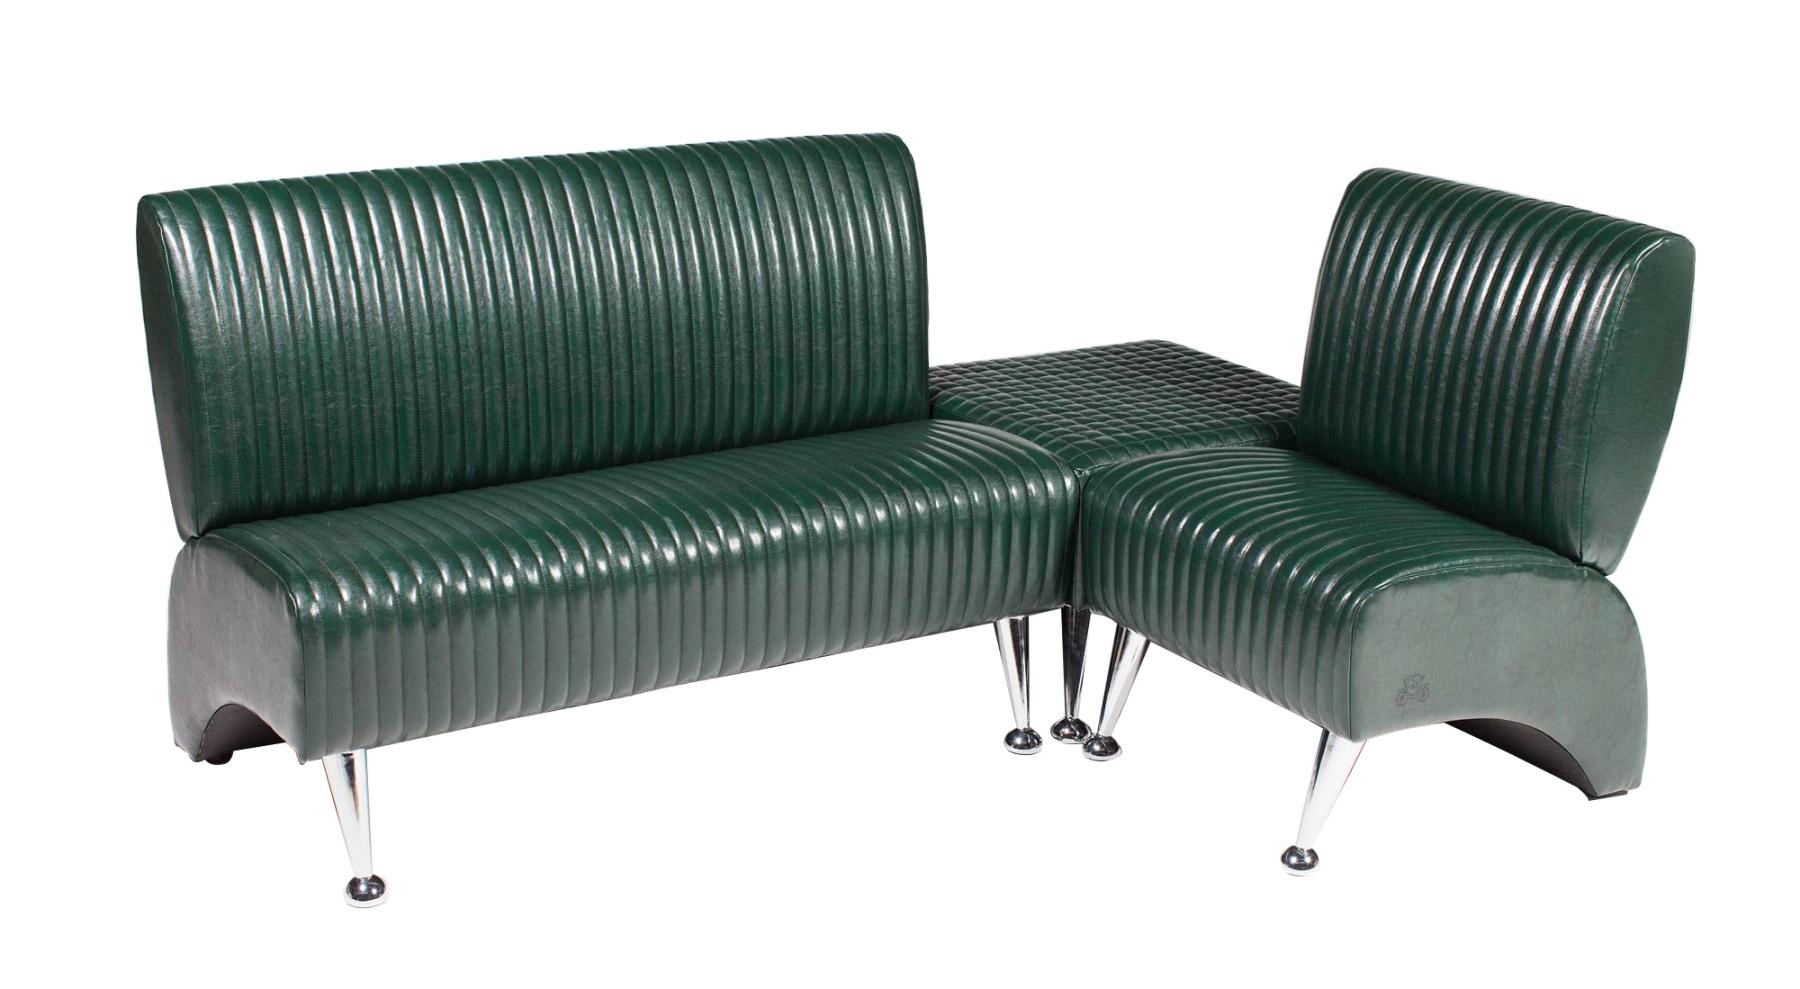 Угловой модульный диван Стоун угловой модульный диван нексус акция